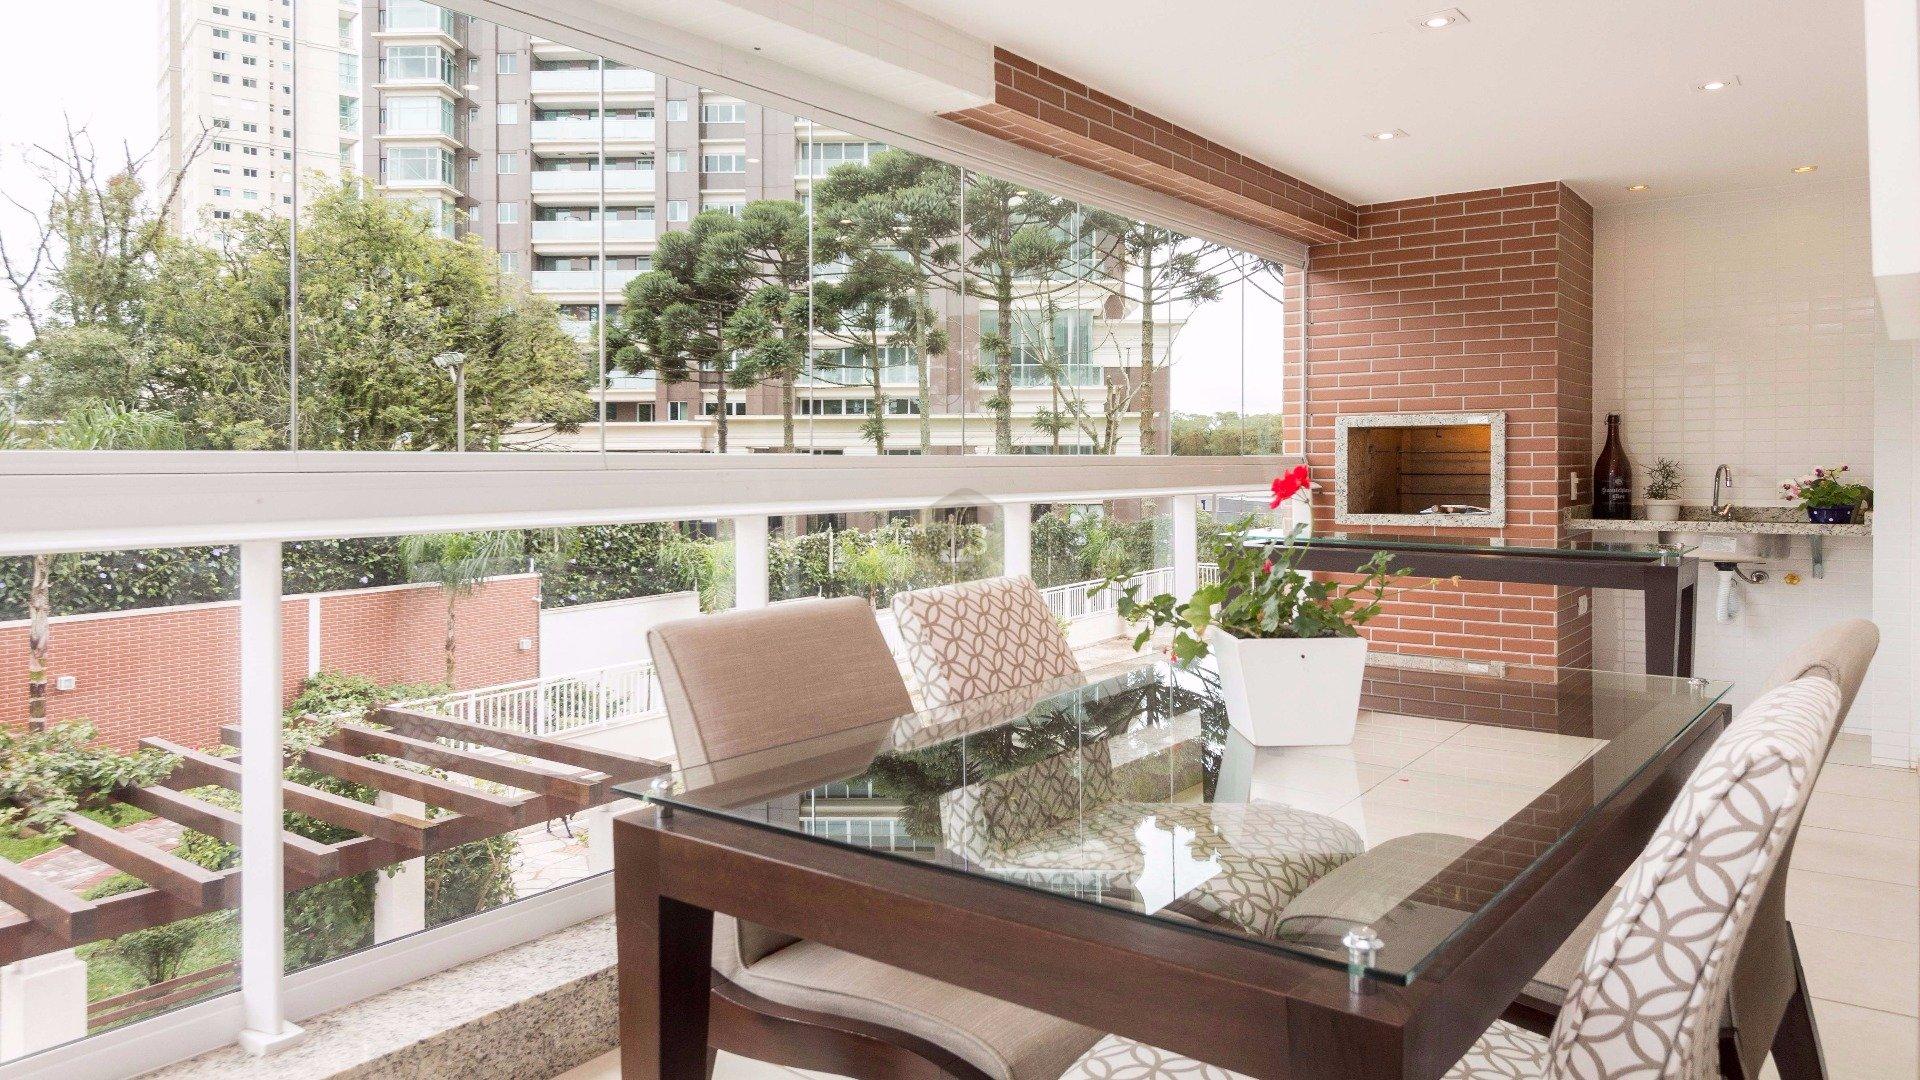 Foto de destaque Apartamento aconchegante no ecoville